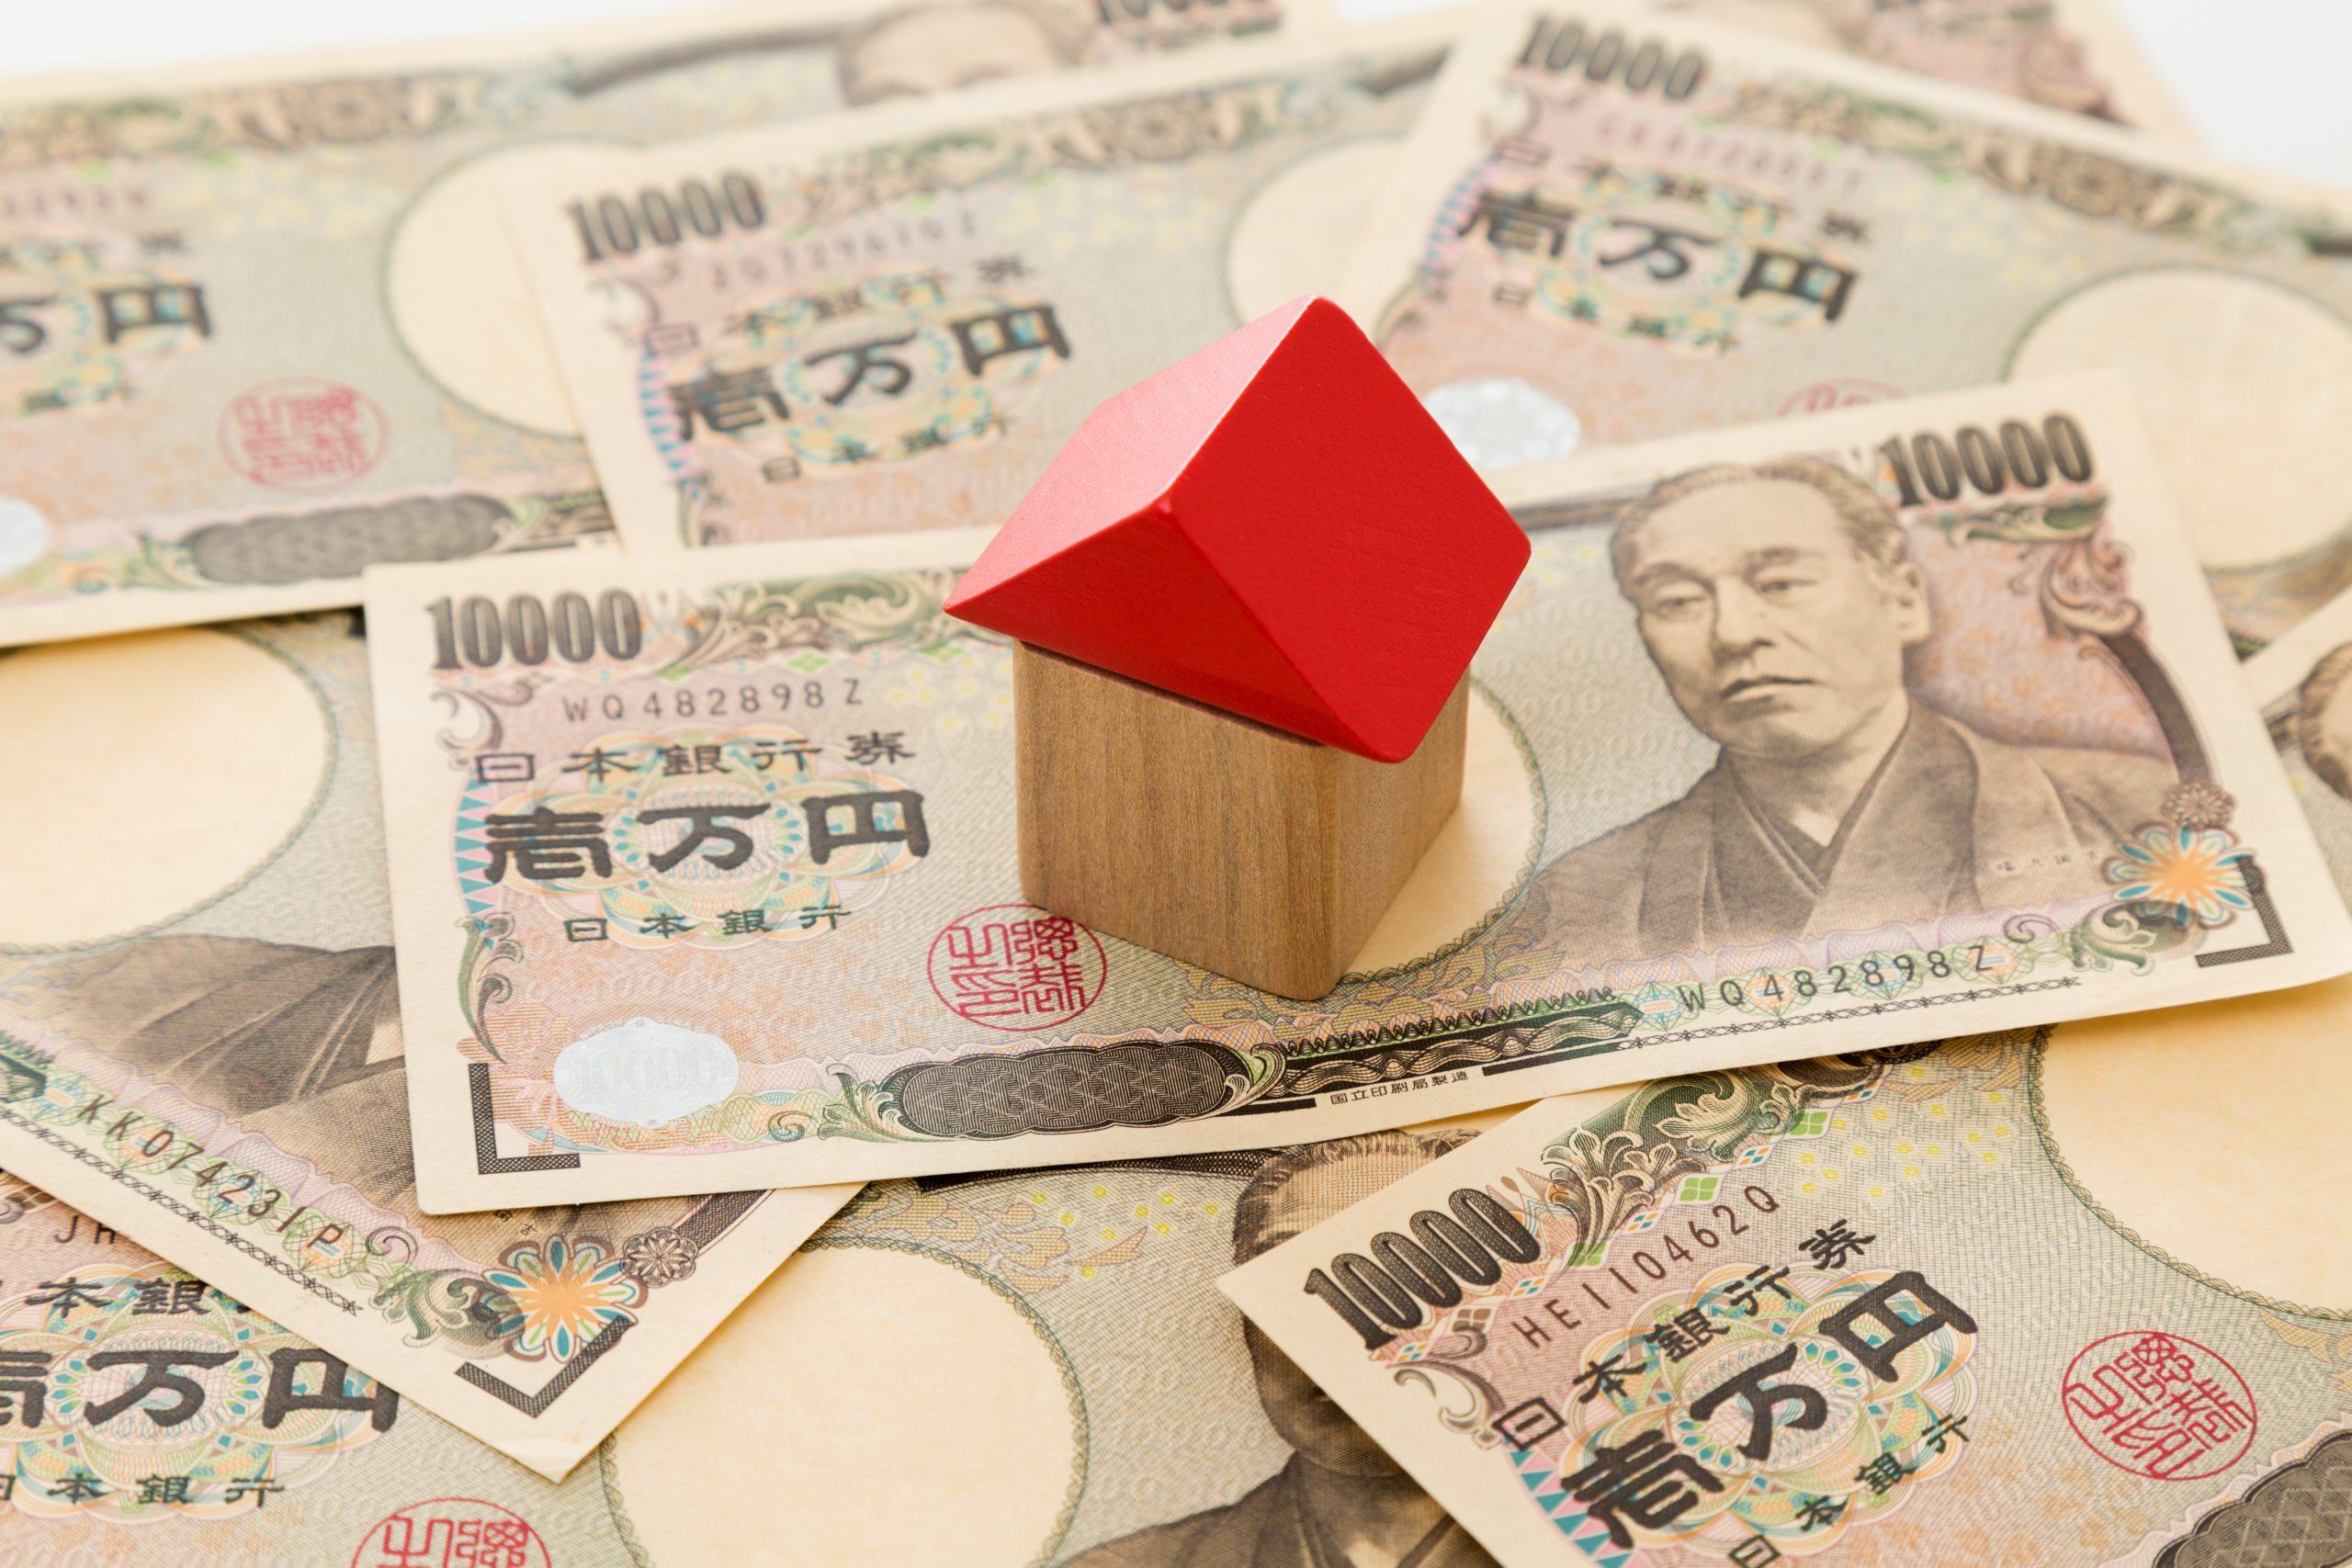 ค่าใช้จ่าย ค่าเช่า ที่พักในญี่ปุ่น